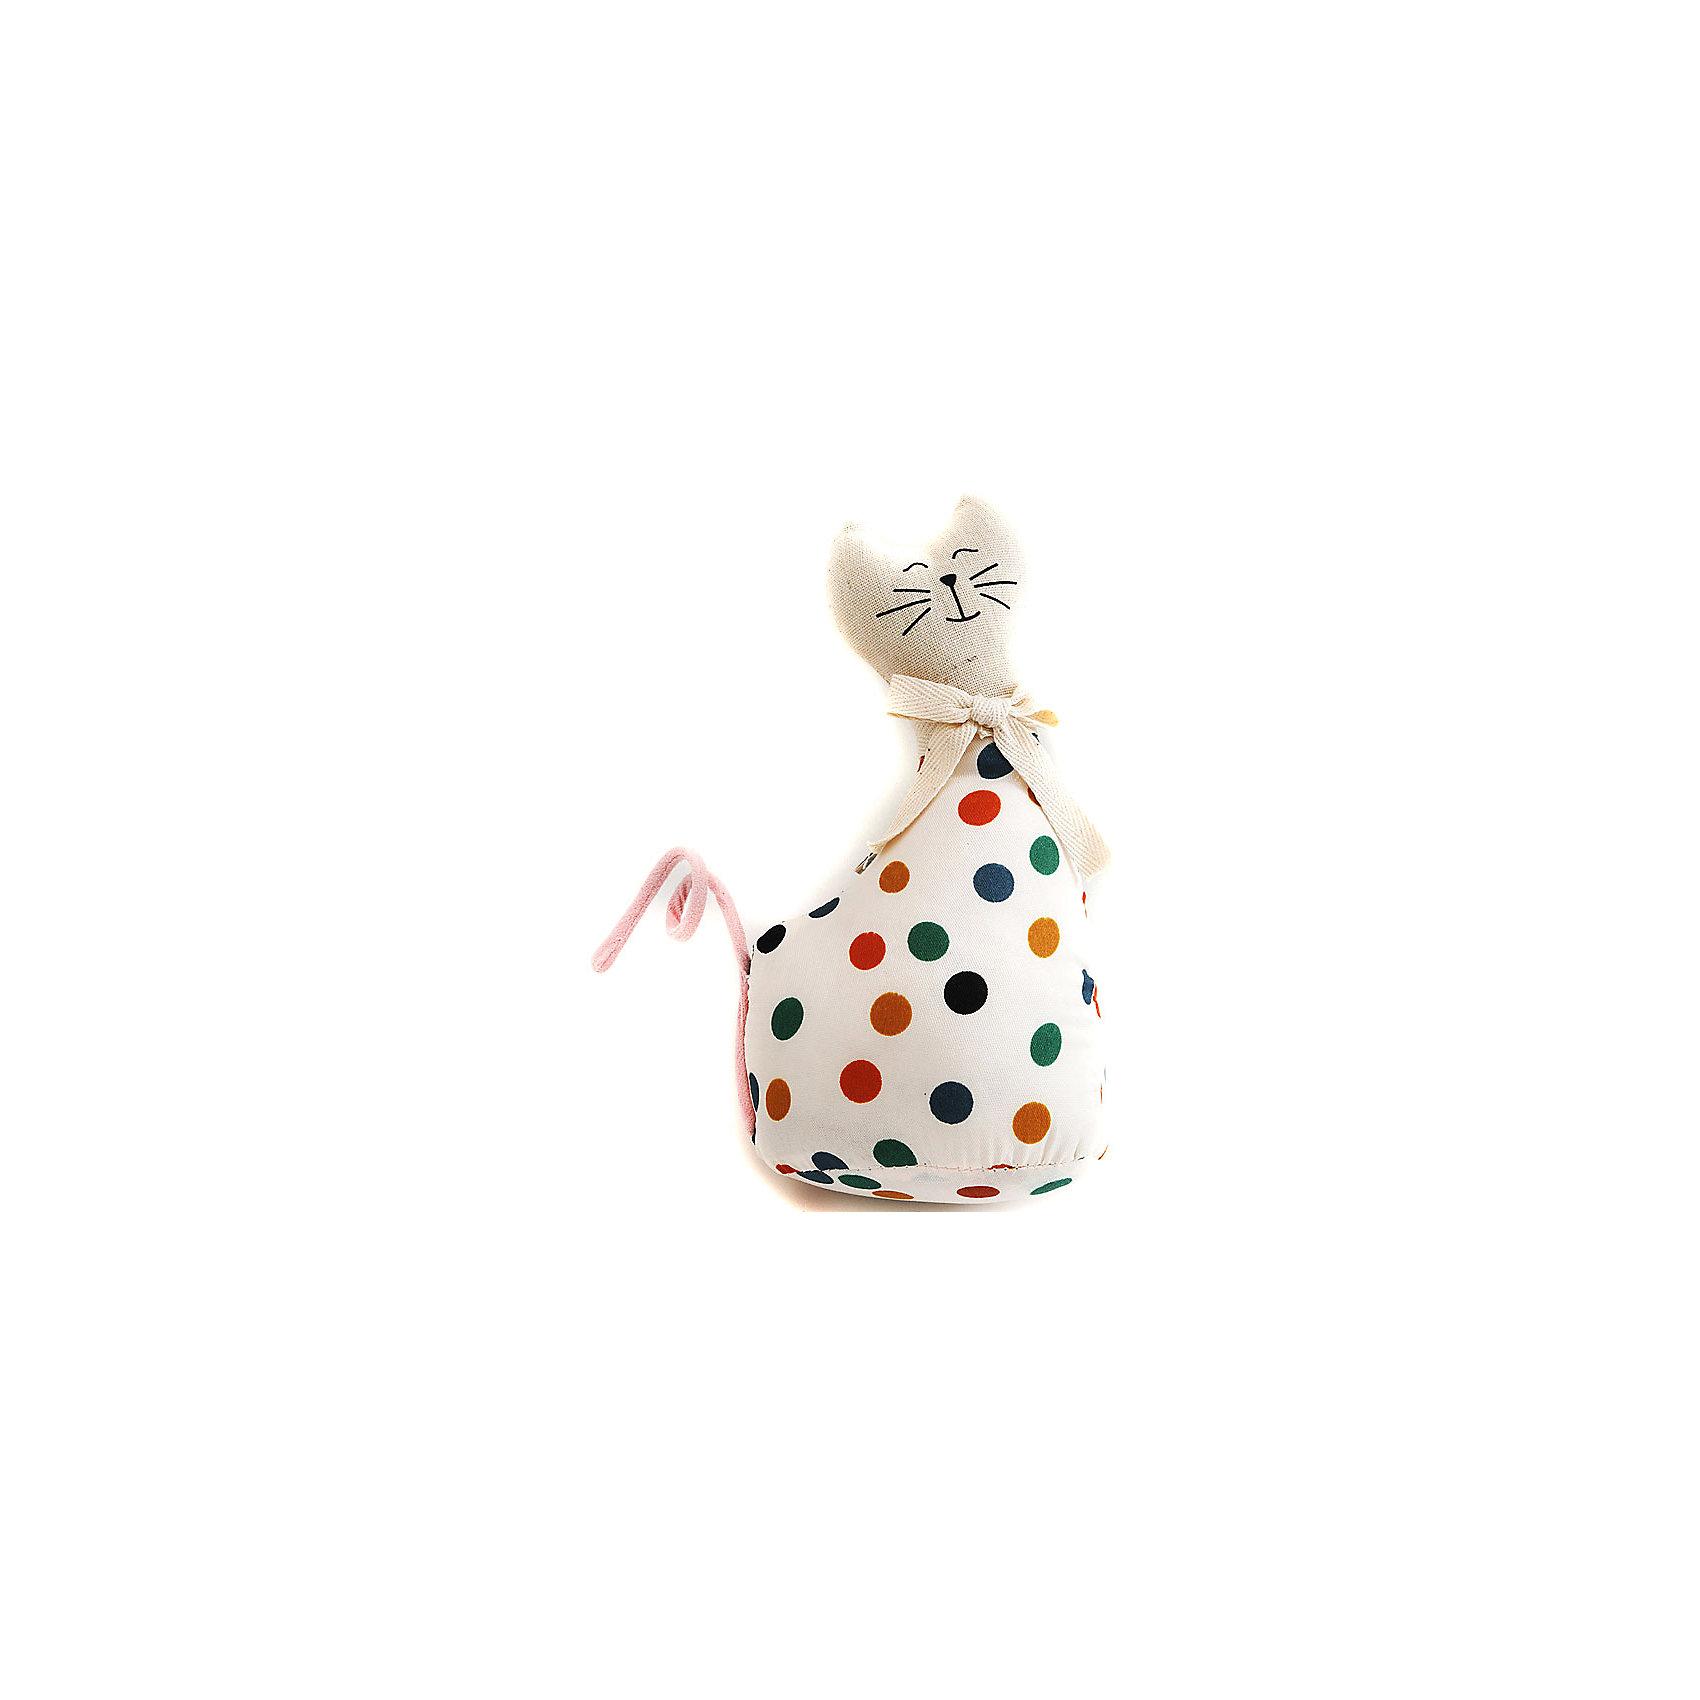 Кошка МурысяПредметы интерьера<br>Характеристики:<br><br>• Предназначение: для оформления интерьера<br>• Пол: универсальный<br>• Материал: текстиль<br>• Цвет: телесный, красный, зеленый, желтый<br>• Размеры (высота игрушки): 22,5 см<br>• Вес в упаковке: 200 г <br><br>Кошка Мурыся – это интерьерная игрушка от торговой марки Белоснежка, специализирующейся на товарах для творчества и рукоделия. Кошка выполнен из текстиля с набивкой, внутри для устойчивости имеется утяжелитель. Использованные при изготовлении материалы гипоаллергенные. Игрушка имеет форму статуэтки, поэтому ее можно поставить на полку. Мурыся может стать прекрасным подарком на новоселье с пожеланиями благополучия, удачи, мира и добра.<br><br>Кошку Мурысю можно купить в нашем интернет-магазине.<br><br>Ширина мм: 225<br>Глубина мм: 115<br>Высота мм: 80<br>Вес г: 4420<br>Возраст от месяцев: 72<br>Возраст до месяцев: 144<br>Пол: Унисекс<br>Возраст: Детский<br>SKU: 5089806